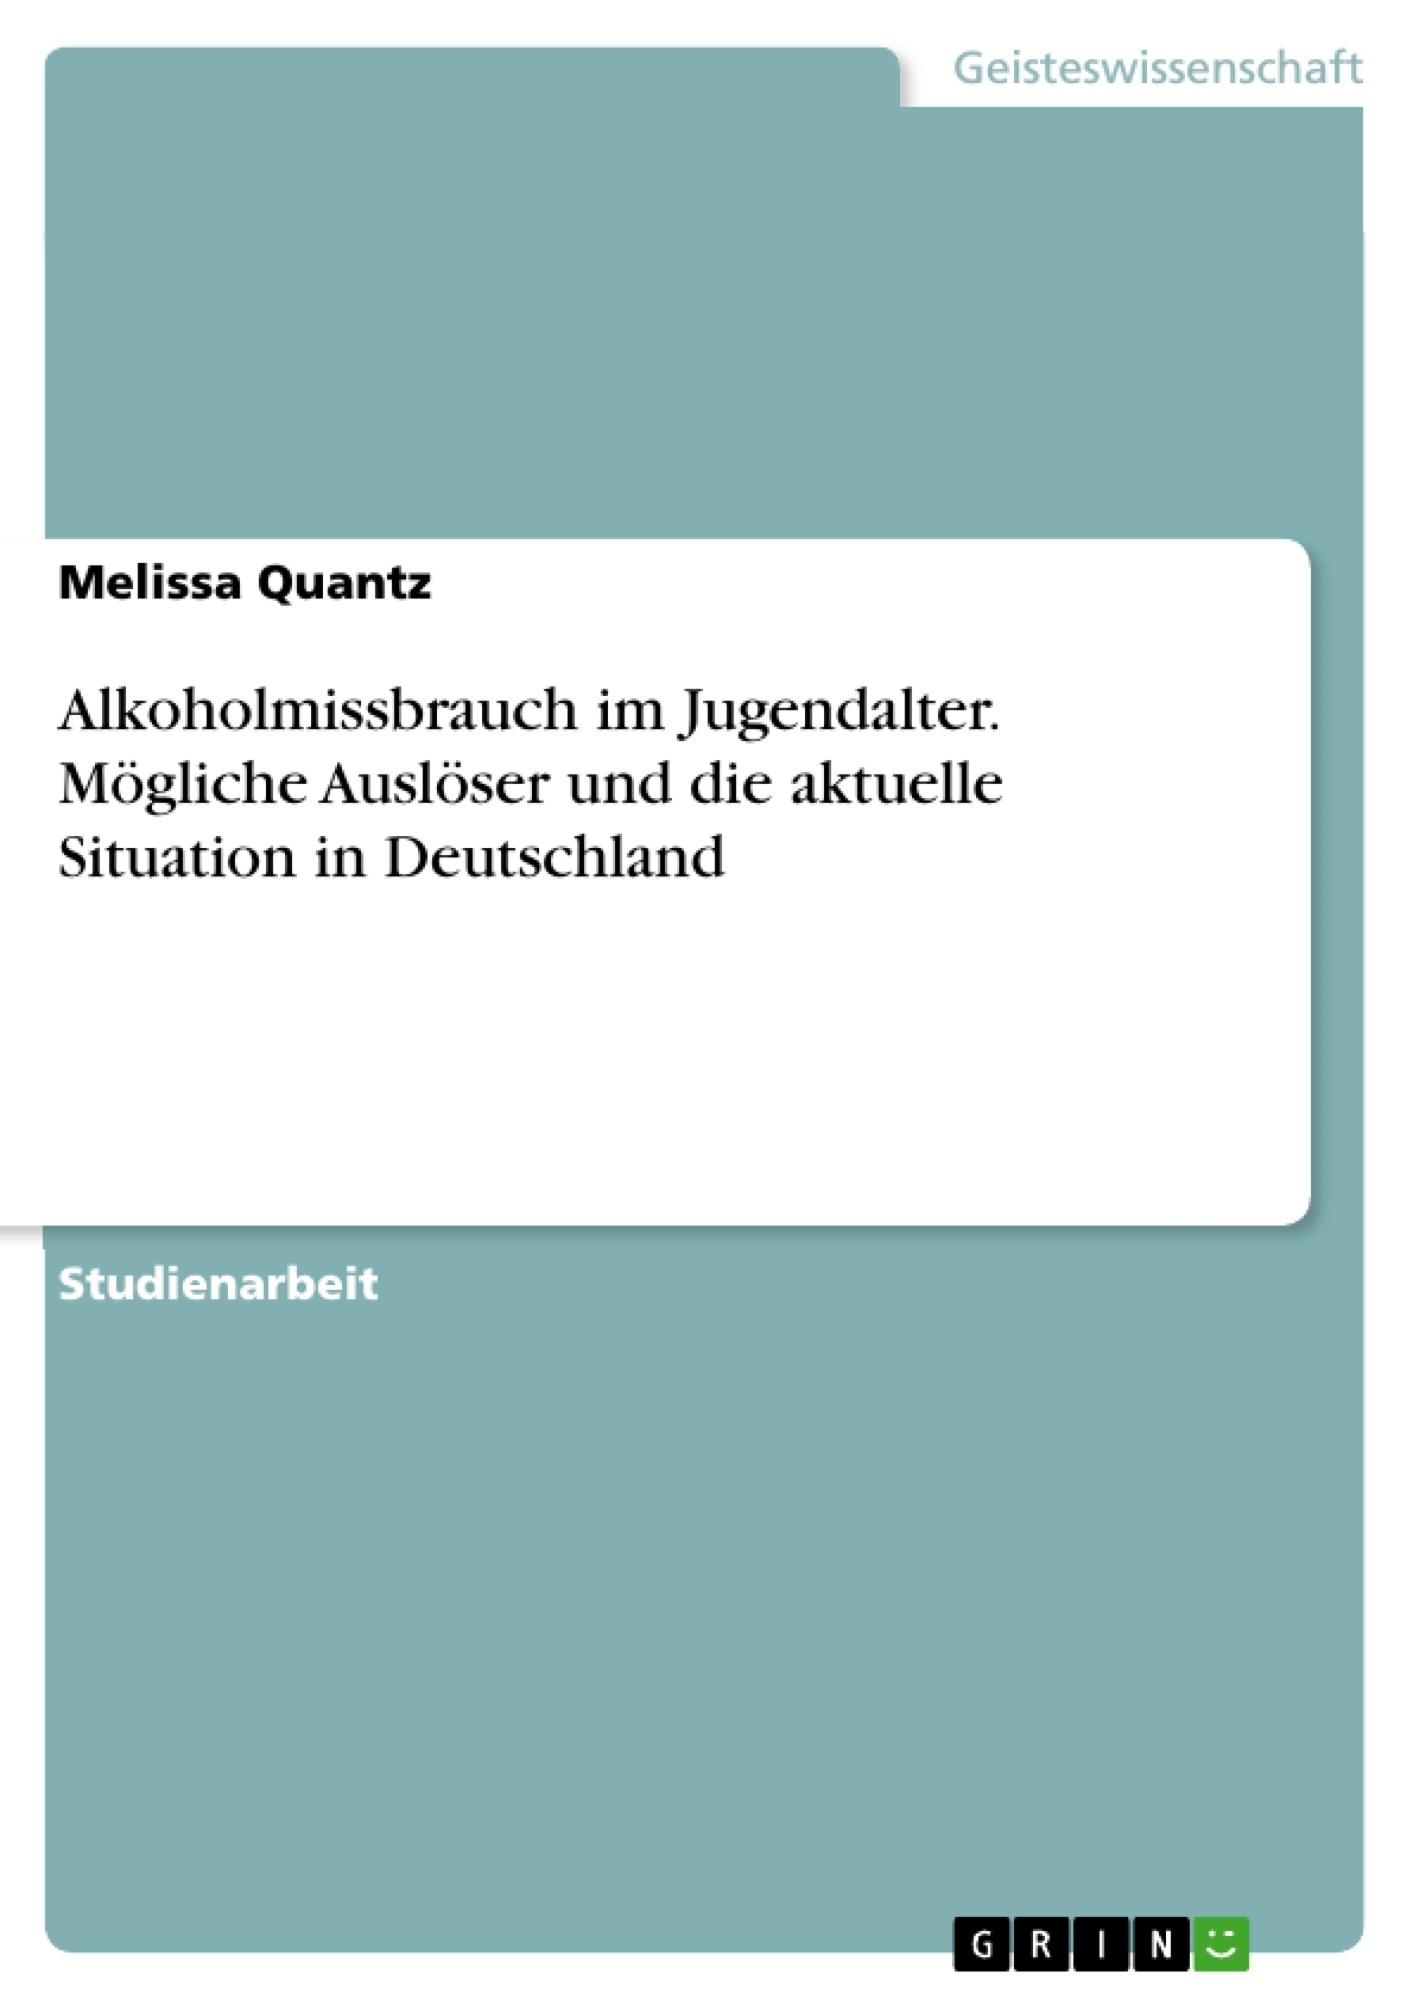 Titel: Alkoholmissbrauch im Jugendalter. Mögliche Auslöser und die aktuelle Situation in Deutschland